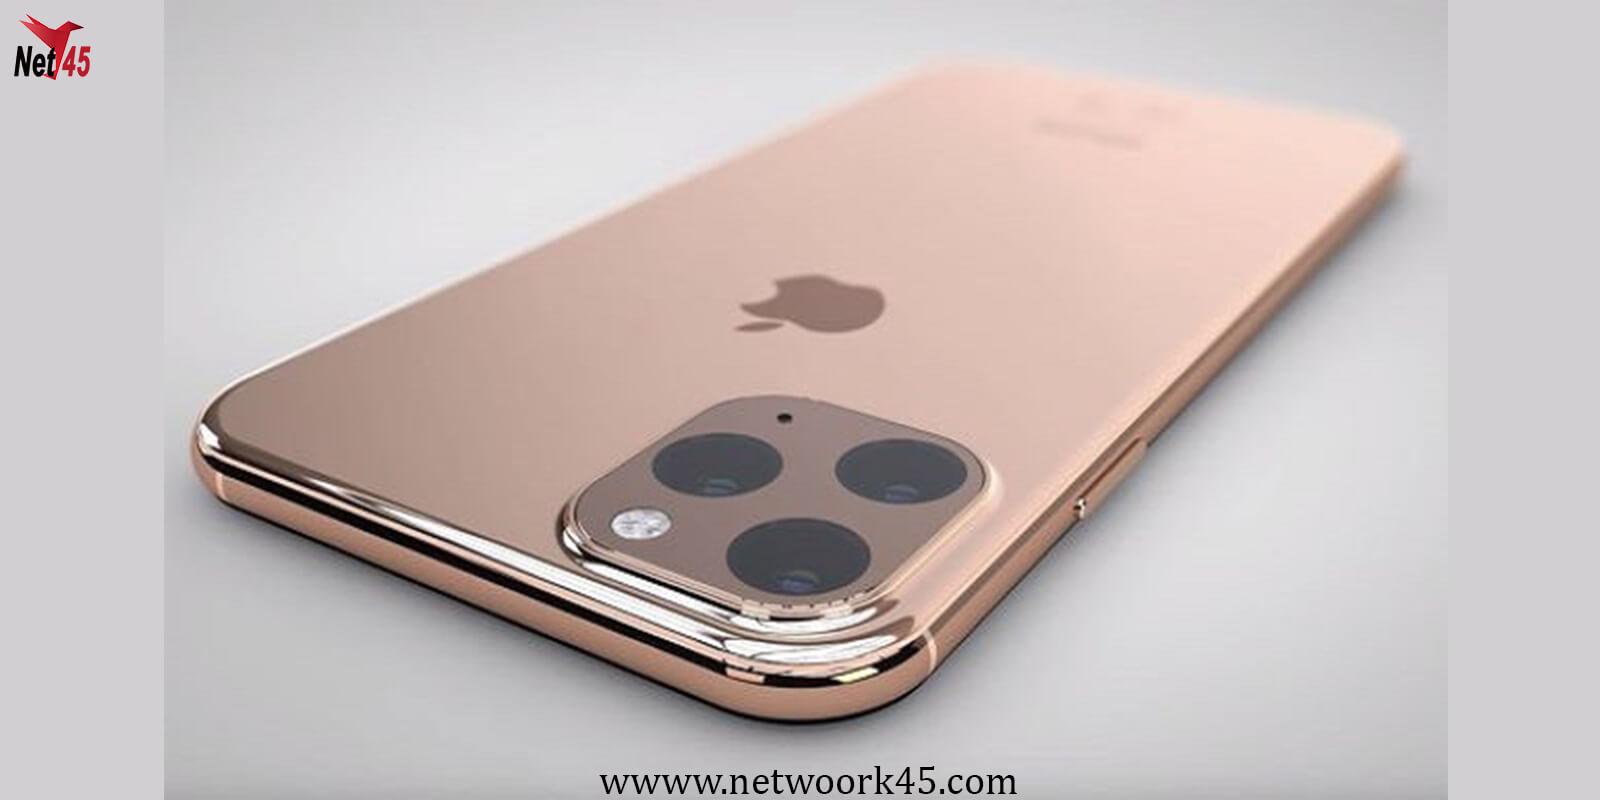 iphone 11 5g , iphone 1q , iphone 11 gsmarena , iphone 11 gold , iphone 8 ios 11 , apple iphone 11 plus , ios 11 password autofill for apps , iphone 11 storage , iphone 11 colors , iphone 11 camera , iphone 11 features